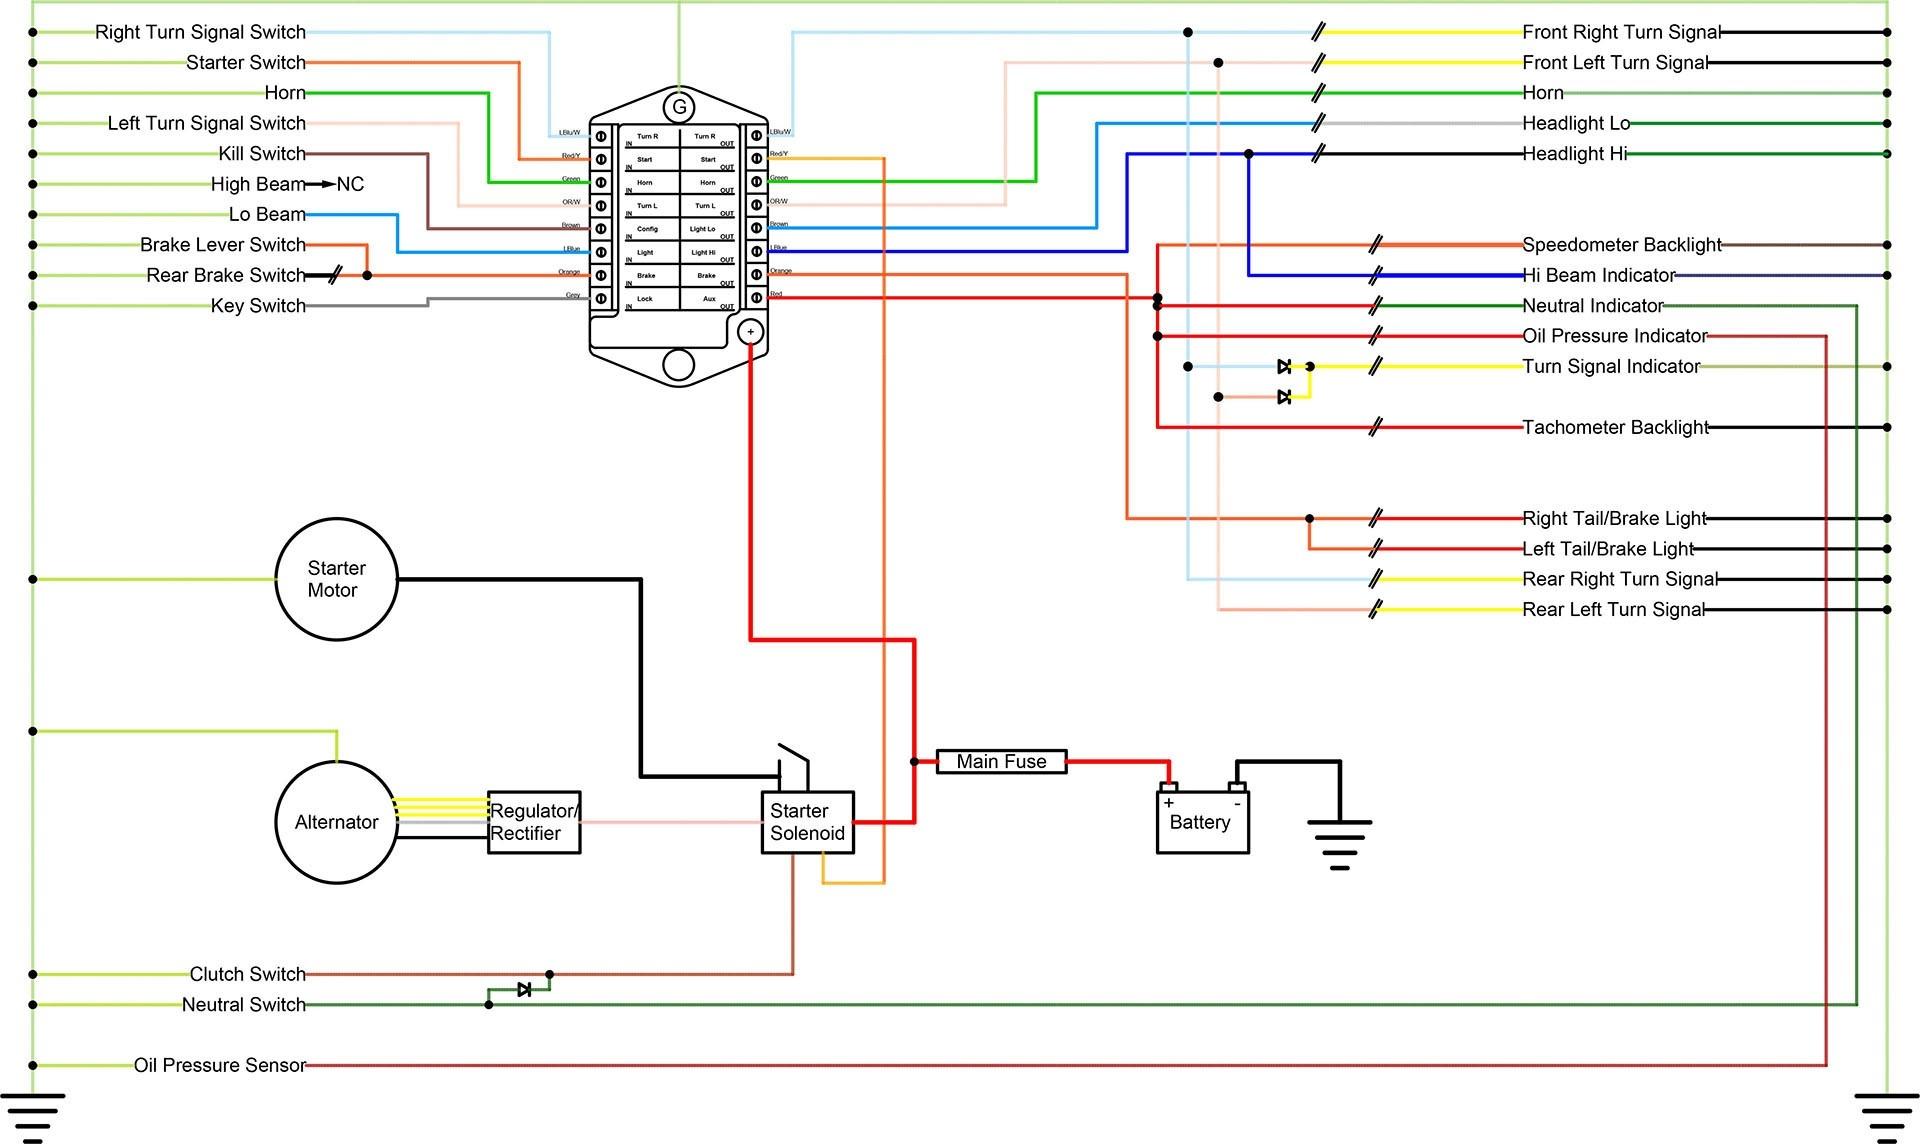 lithonia lighting wiring diagram lithonia lighting wiring diagram